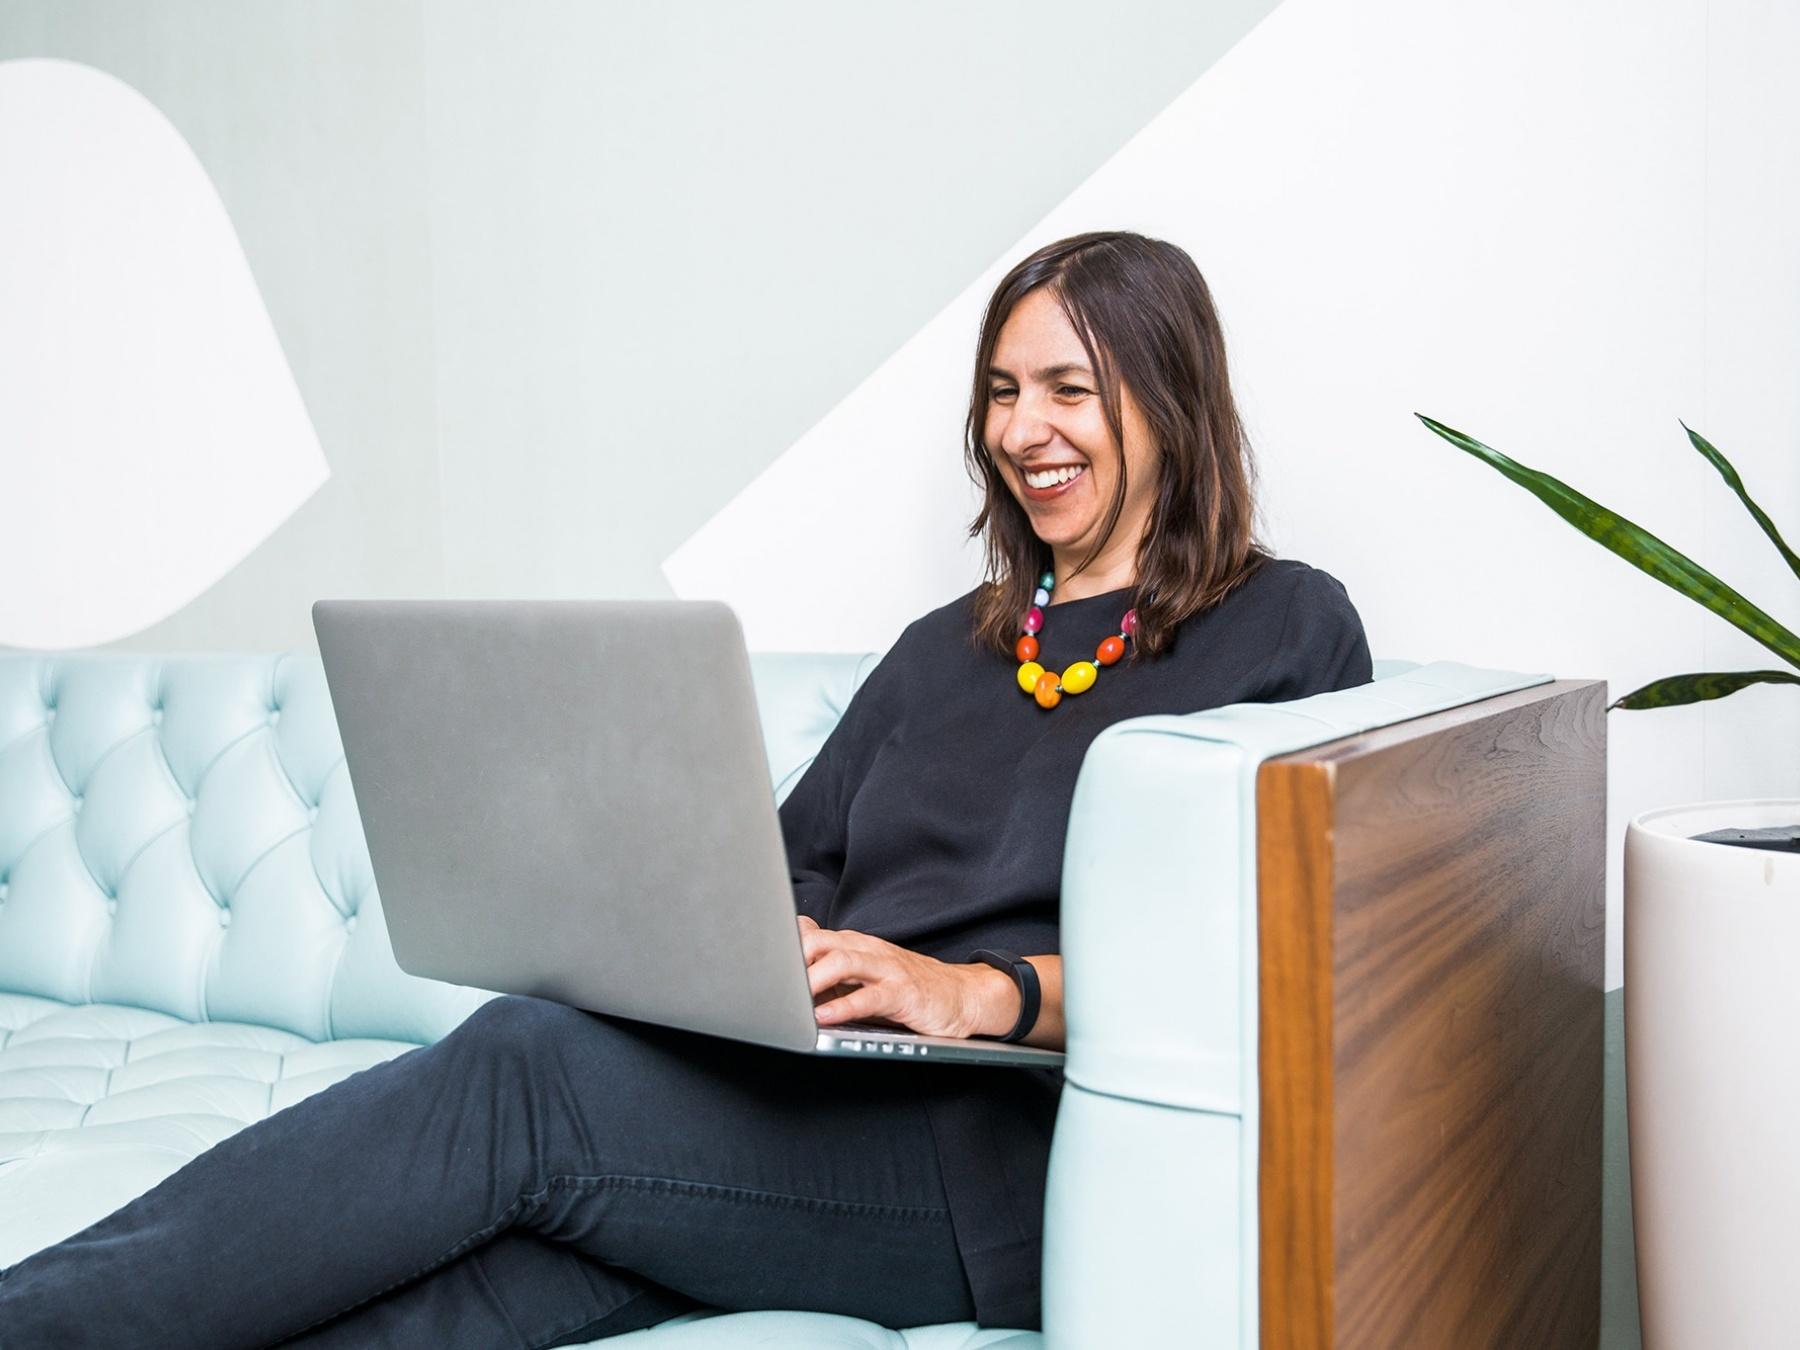 Modern woman in office 1